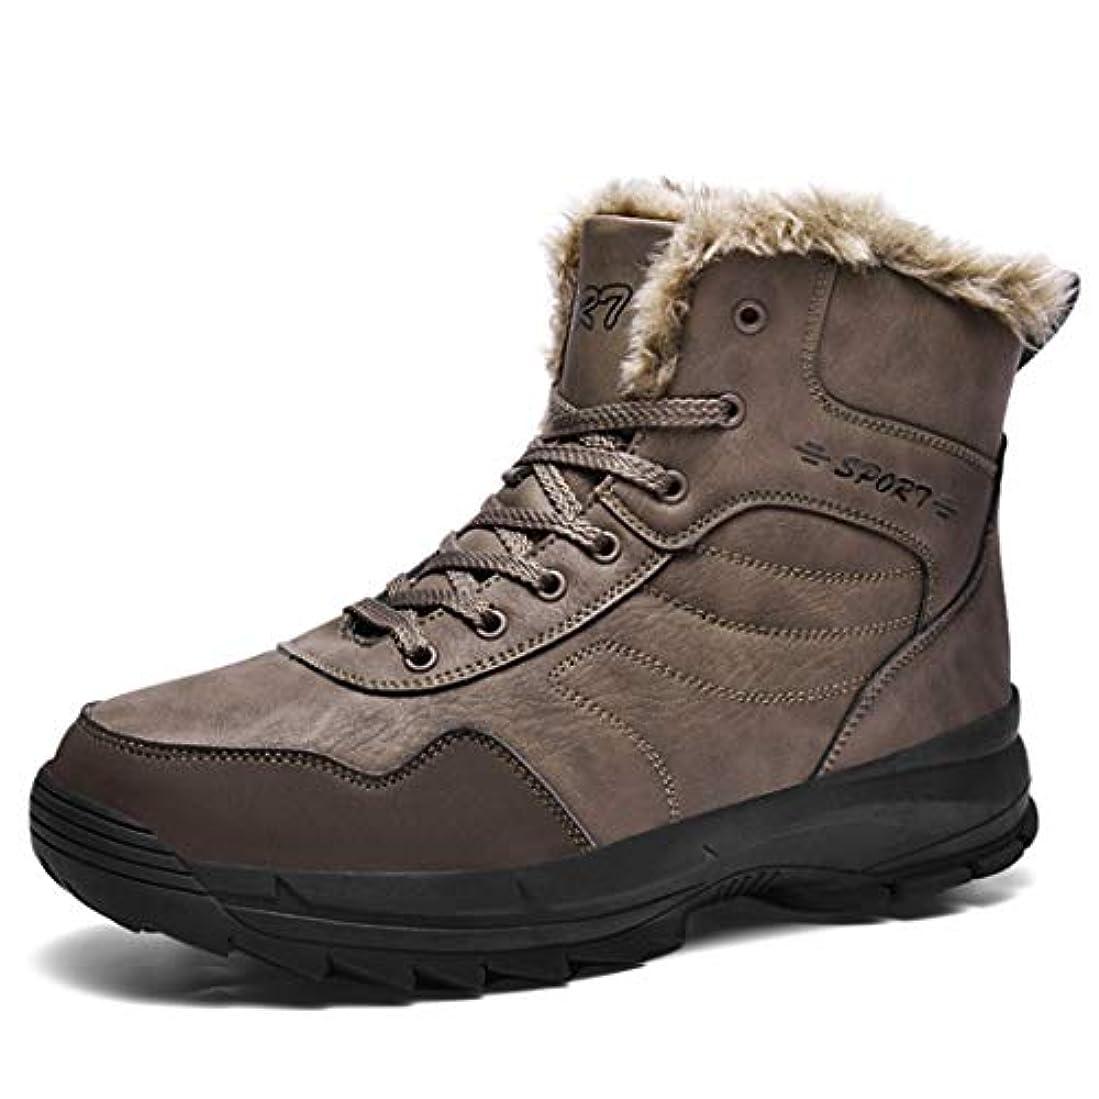 バルブ推定する健康的[Dong] ウォーキングシューズ アウトドアシューズ メンズ 冬靴 防水 防滑 靴 裏起毛 防寒靴 雪靴 ウィンターブーツ 保暖 レインブーツ スノーブーツ トレッキングシューズレインブーツ スノーシューズ